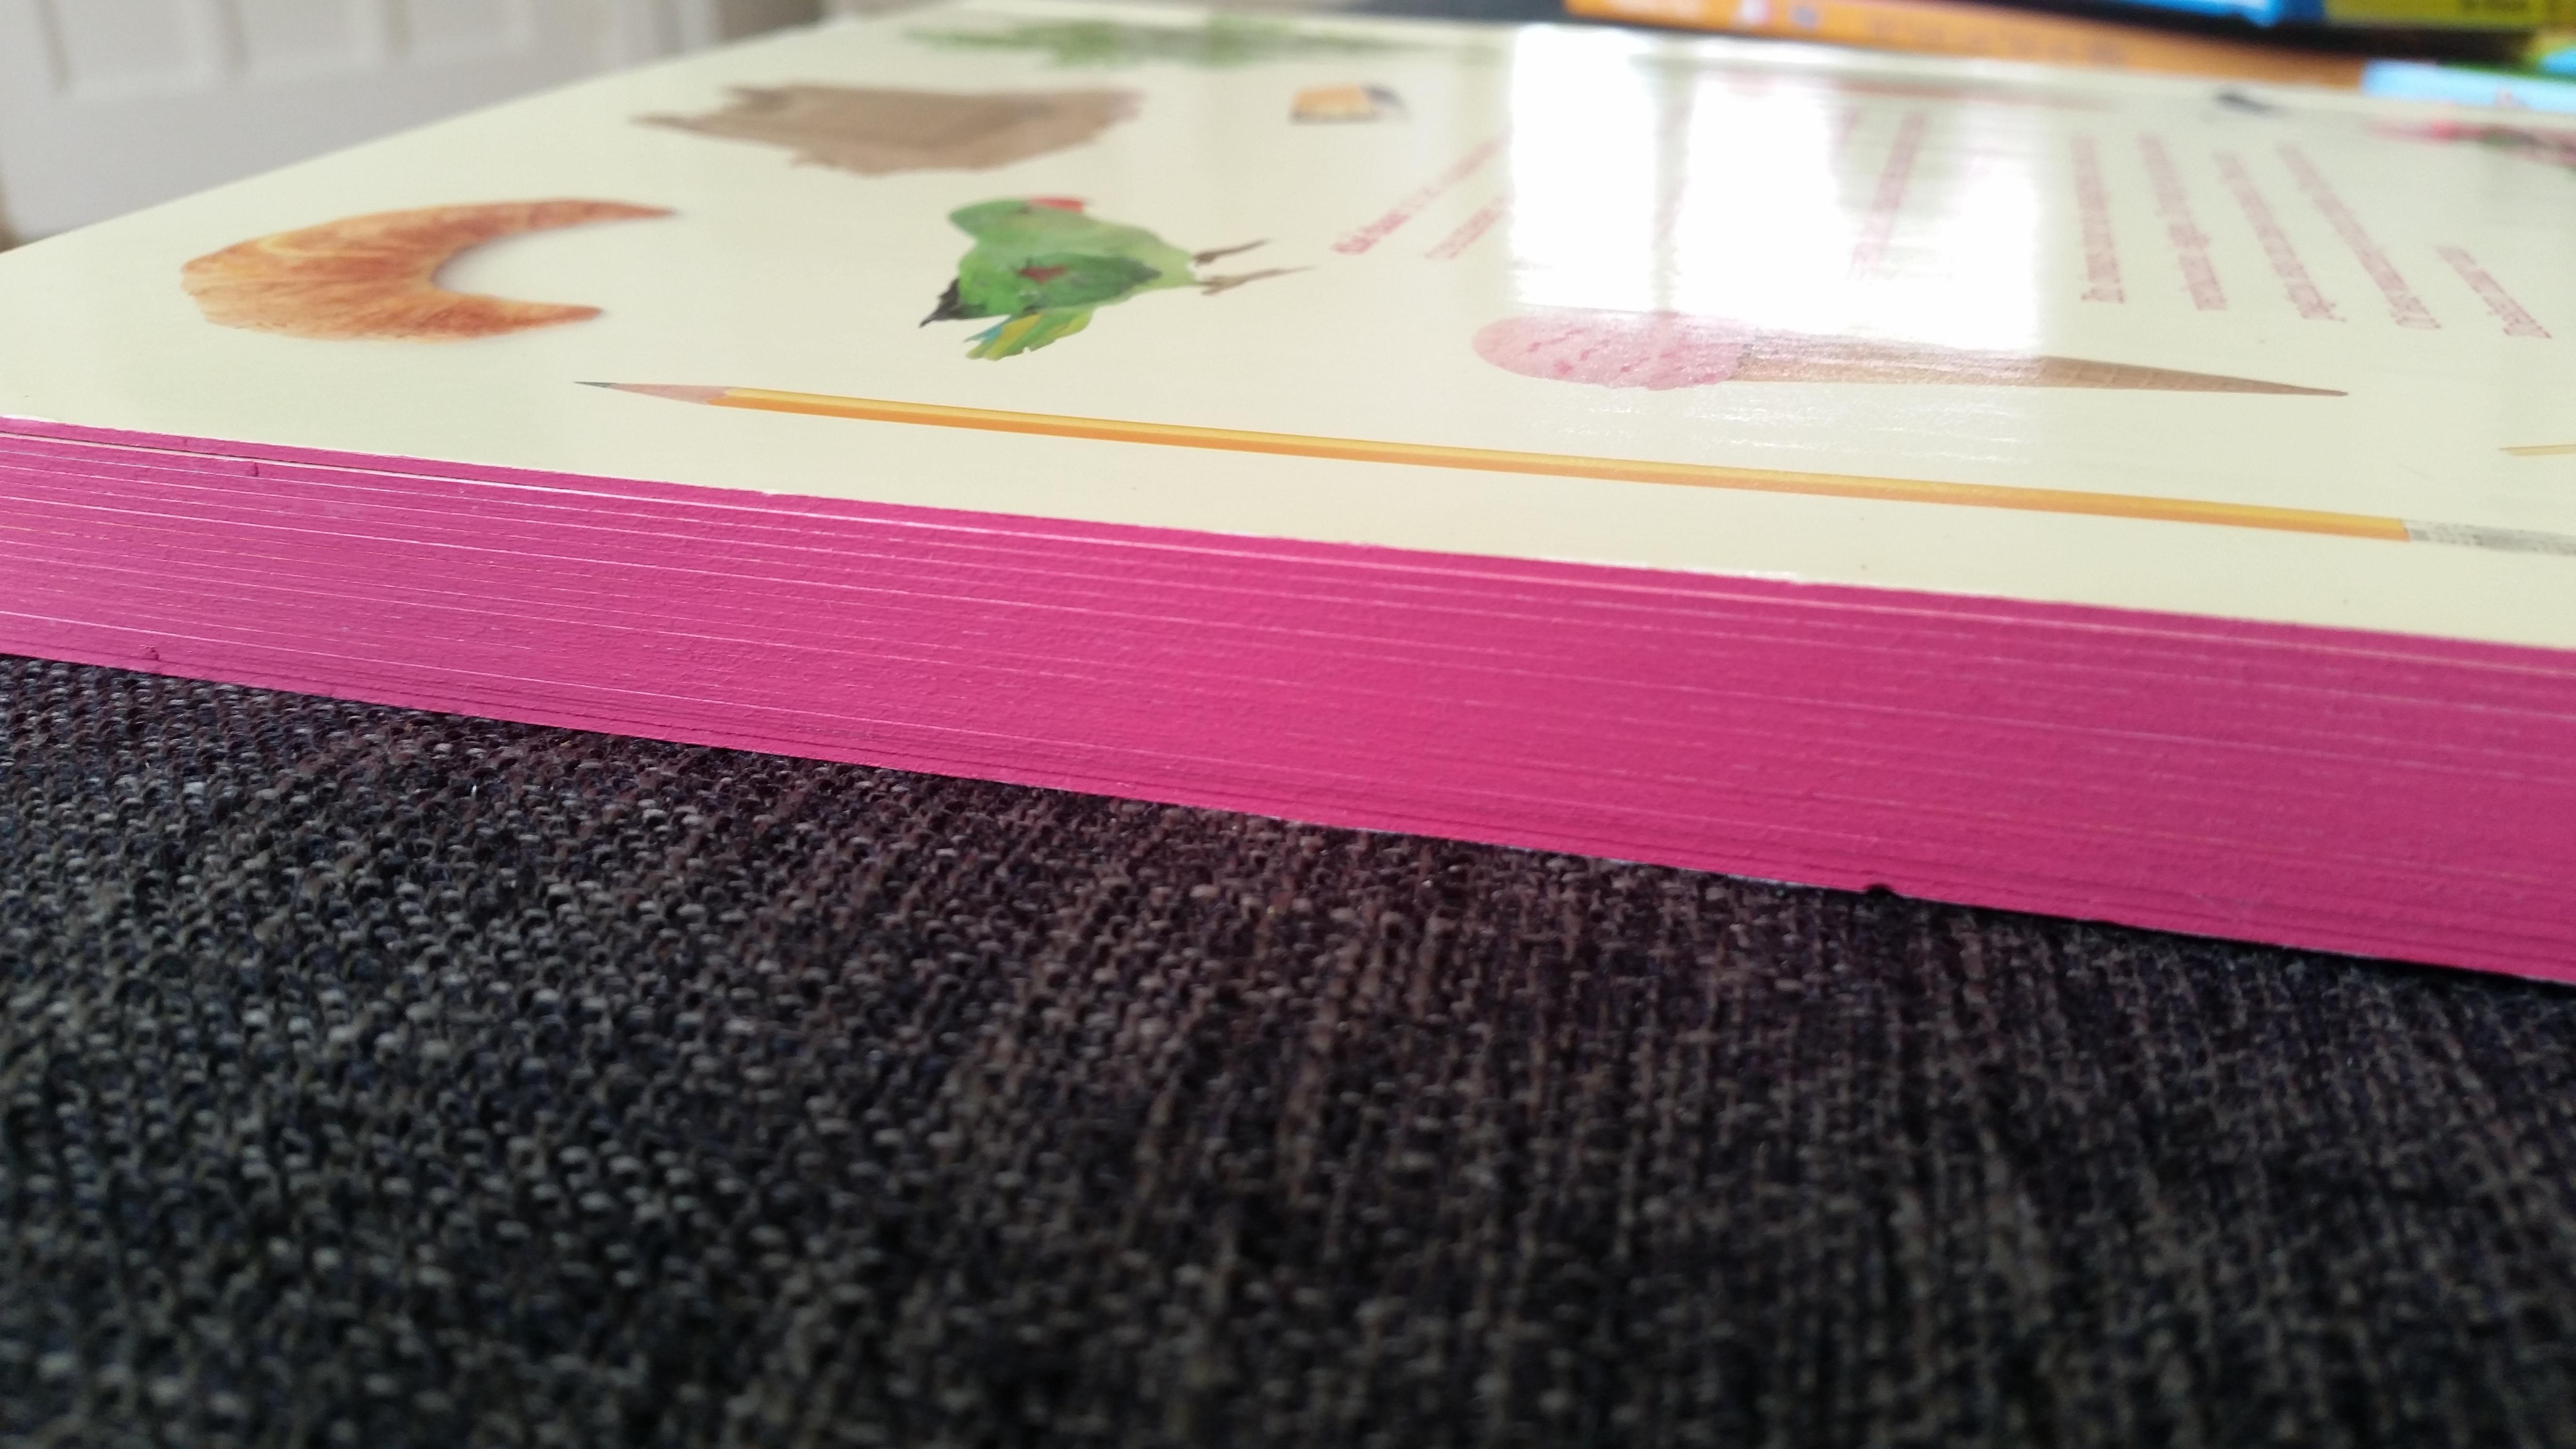 5-15-boek-dik-karton-aanwijsboek-aanwijzen-dingen-1-jaar-2-3-4-die-daar-leuk-nanny-moeder-amsterdam-verjaardag-dikte